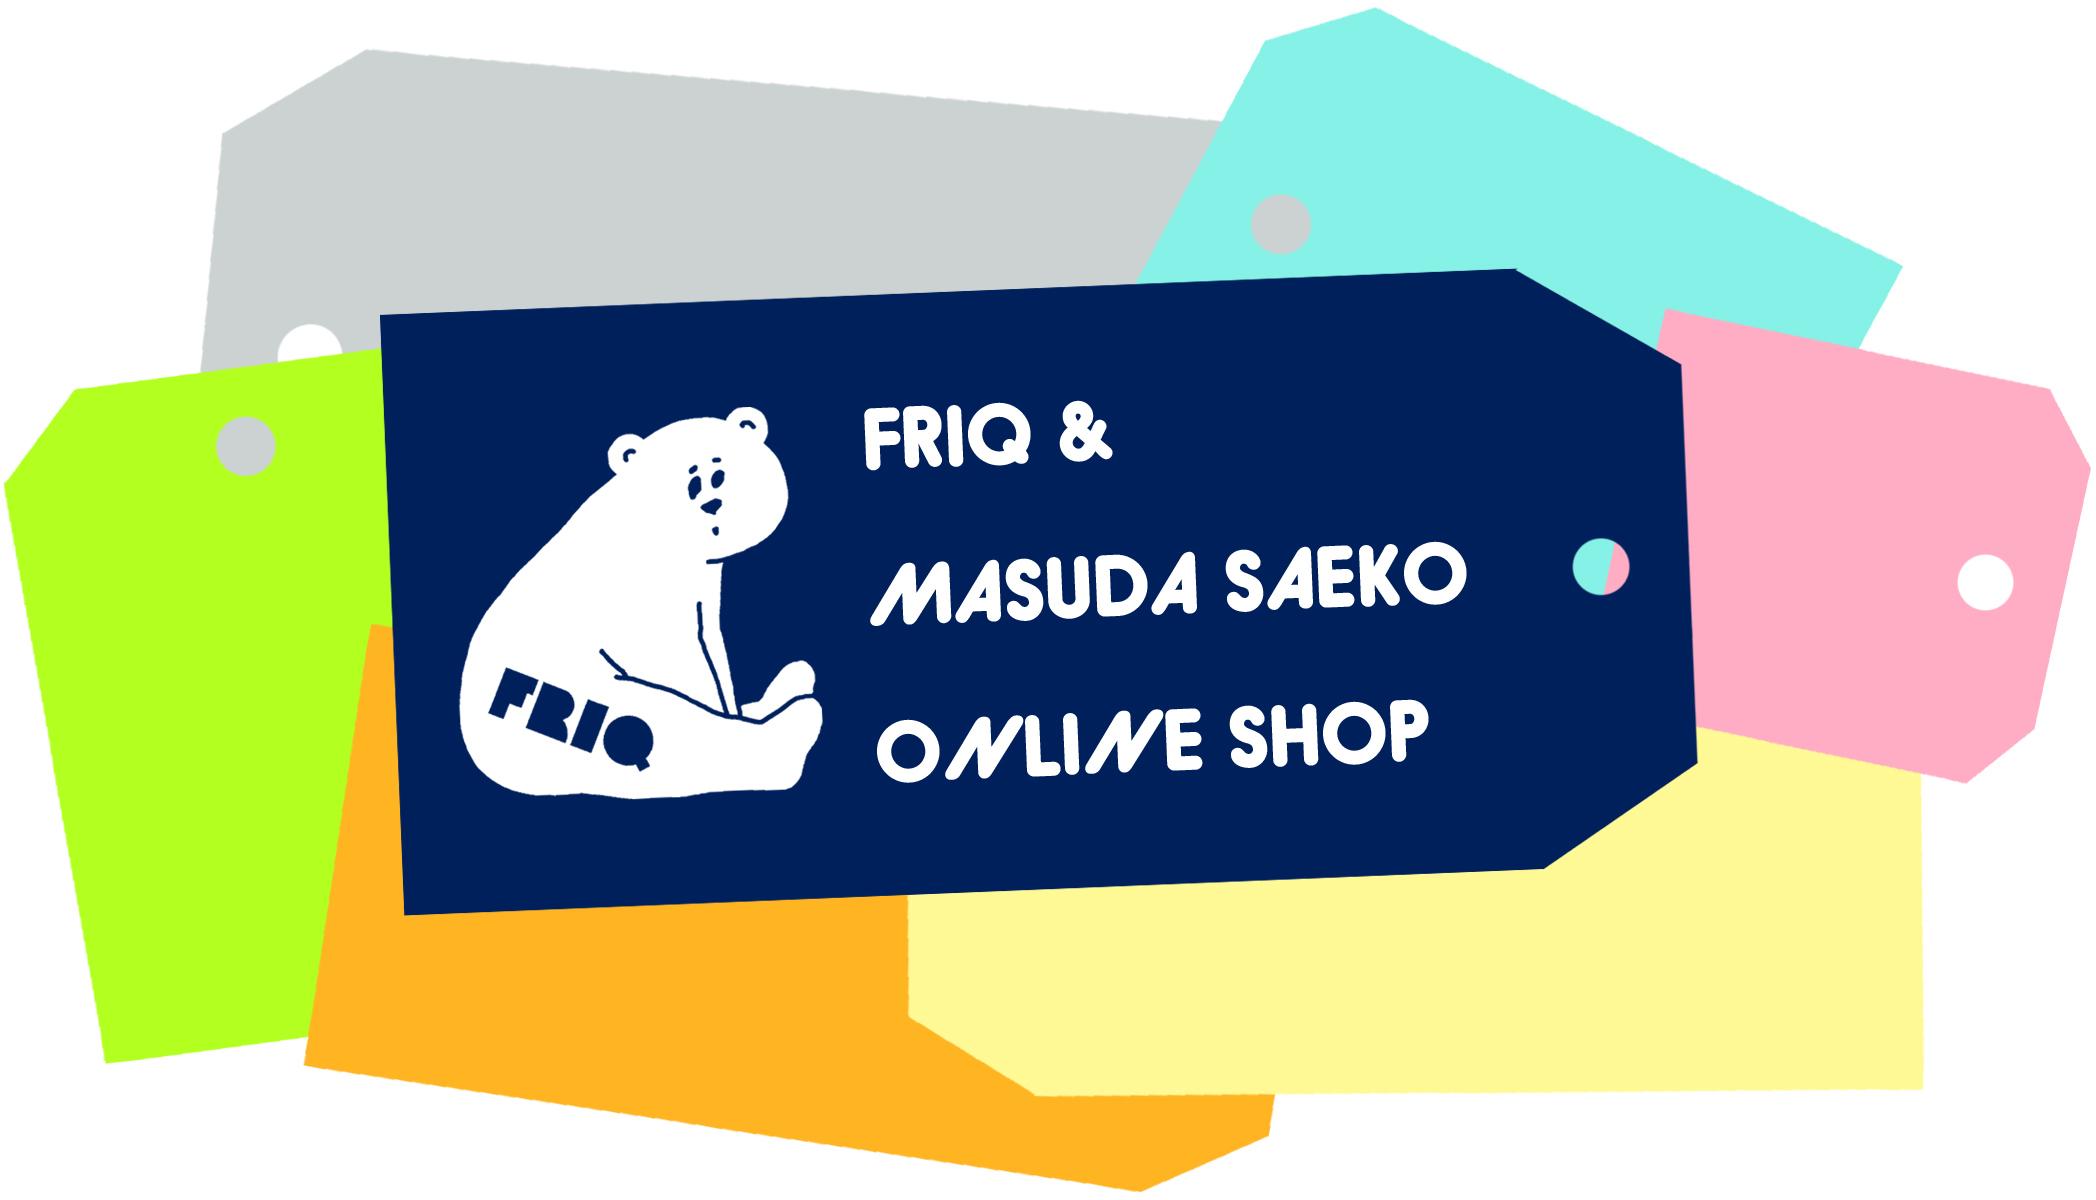 MASUDA SAEKO WEB SHOP